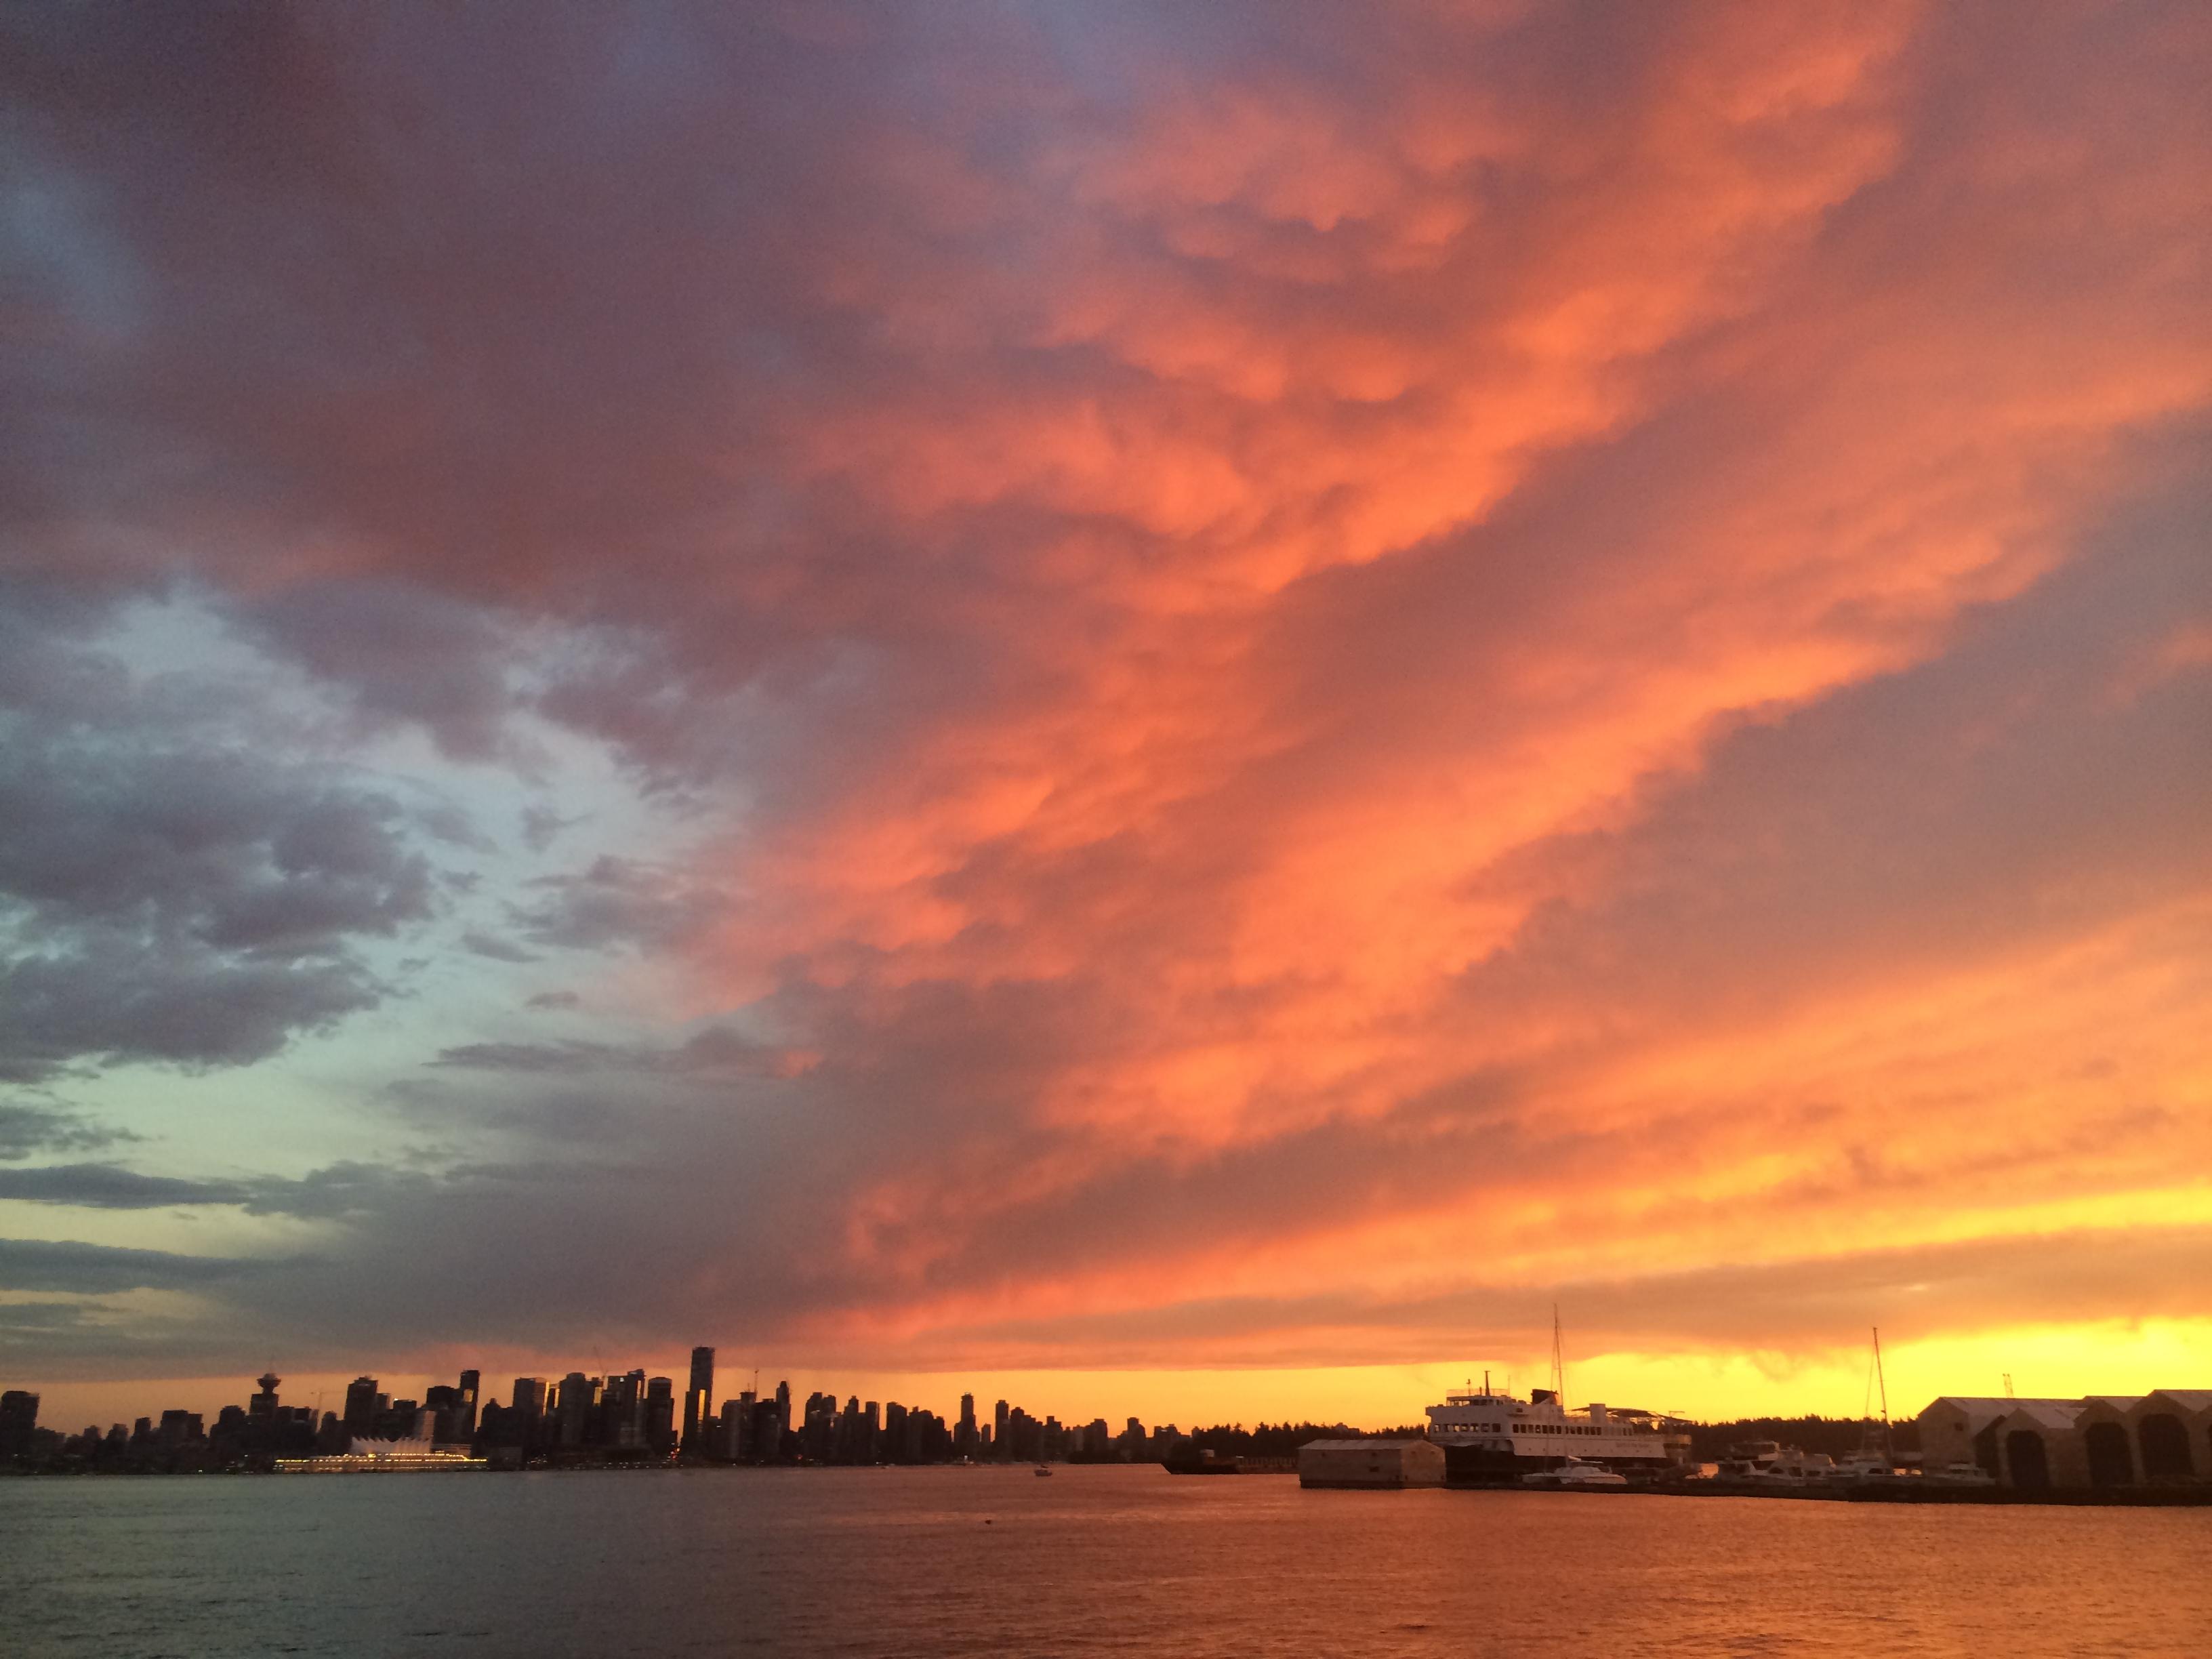 バンクーバー(カナダ) / Vancouver(Canada)